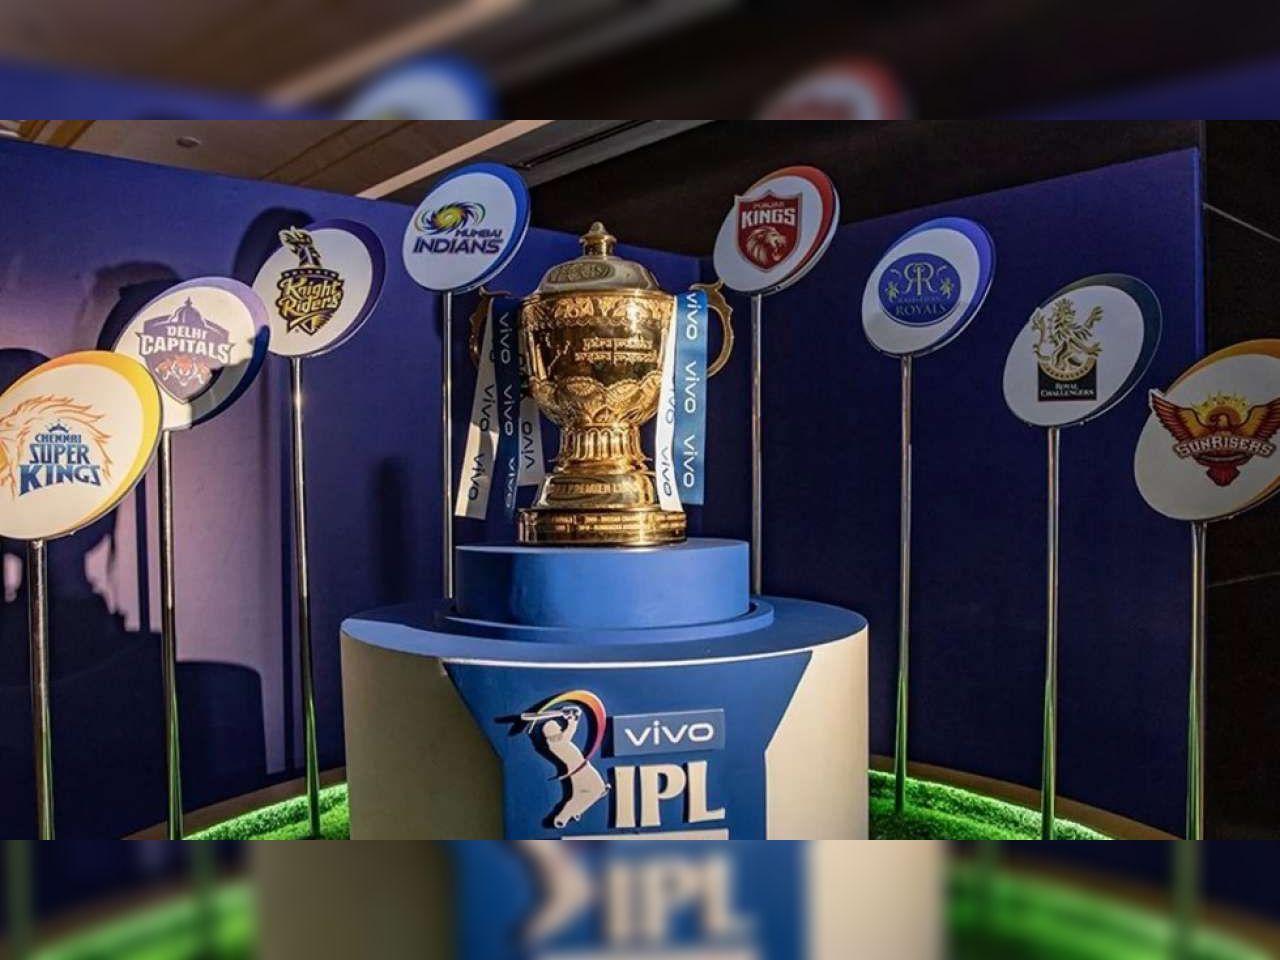 ભારતે 10 ઓક્ટોબર પહેલાં IPLનો બીજો રાઉન્ડ પૂર્ણ કરવો પડશે IPL 2021,IPL 2021 - Divya Bhaskar